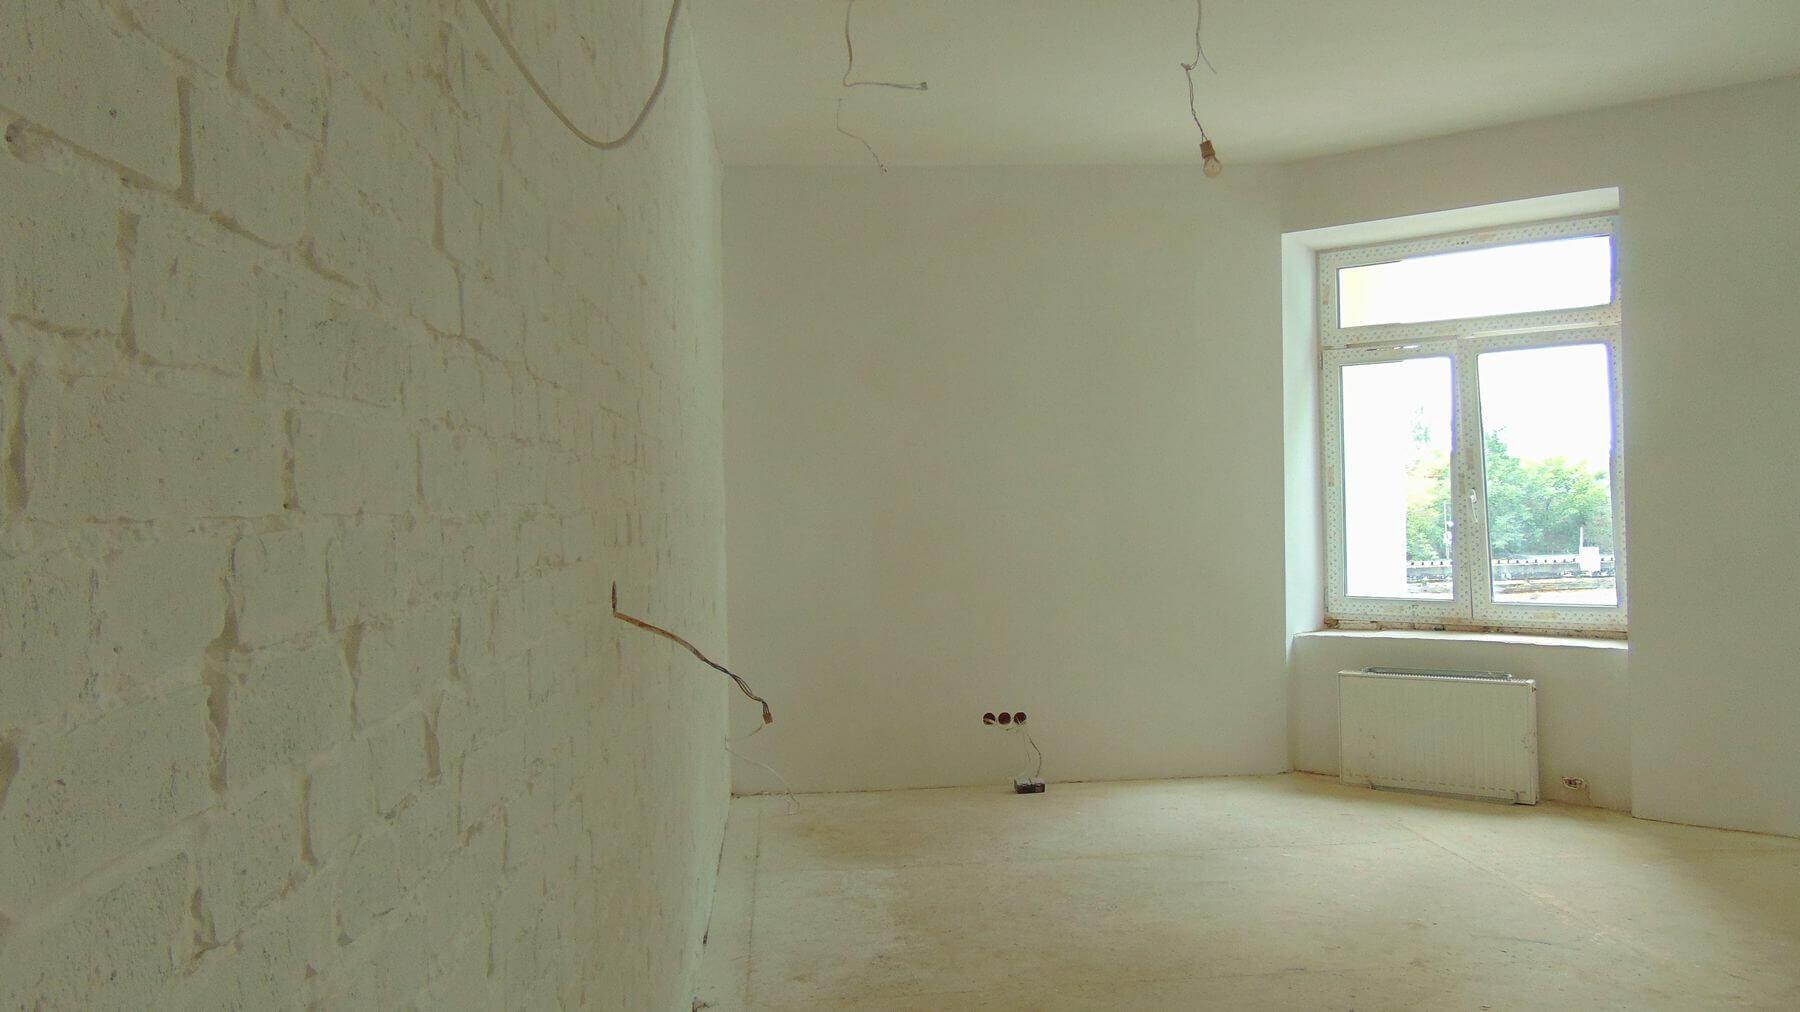 Projekt zakładał zaprojektowanie zupełnie nowych mieszkań oraz adaptację niewykorzystanej powierzchni pralni, suszarni, strychu oraz korytarza na najwyższej kondygnacji. Dzięki temu na drugim piętrze powstały mieszkania dwukondygnacyjne. Dolną ich część najczęściej stanowi salon, kuchnia oraz łazienka a dzięki zaprojektowanym lekkim drewnianym schodom możemy wejść na kondygnację zaadaptowaną ze strychu na sypialnię i pokoje. Całość doświetlają zaprojektowane okna dachowe. Istniejący korytarz ogólnodostępny również został zaabsorbowany do poszczególnych mieszkań, dzięki czemu zwiększyła się ich powierzchnia.